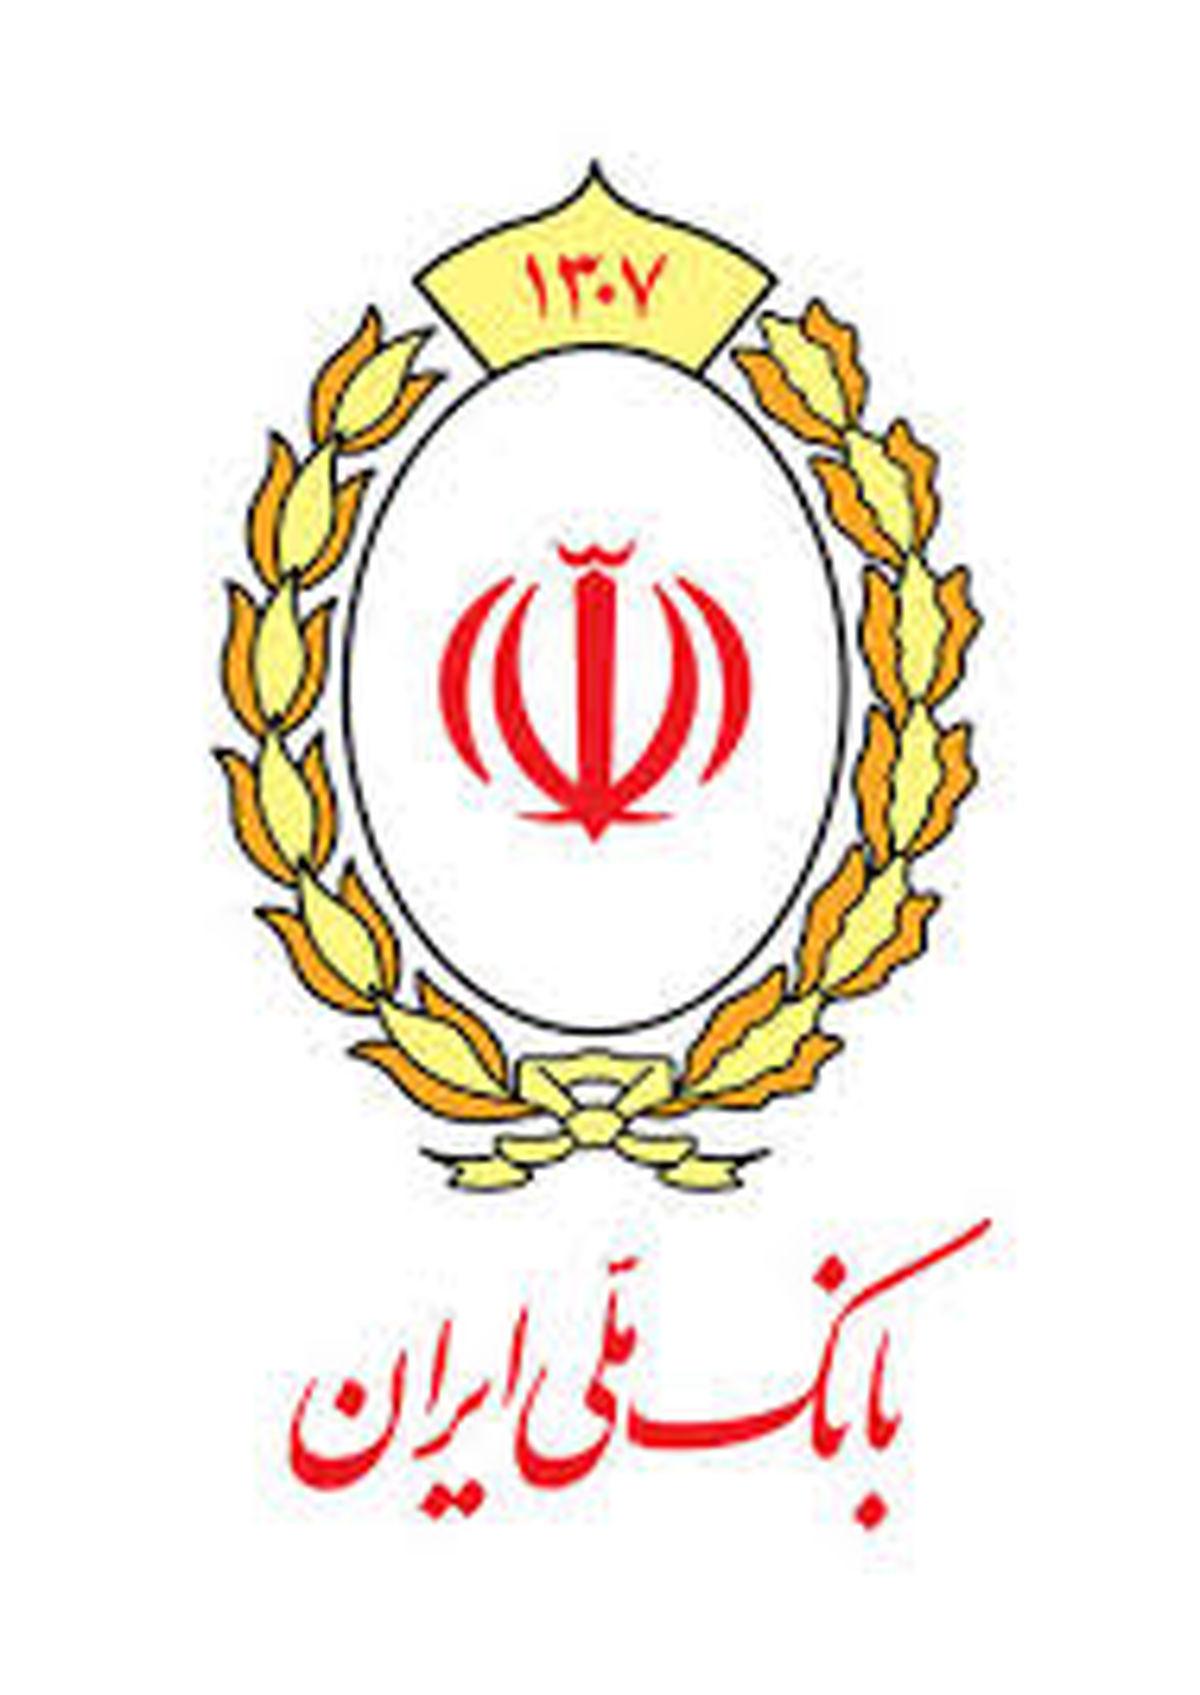 اشتغال هفت هزار نفر در نیمه نخست امسال با تسهیلات بانک ملی ایران